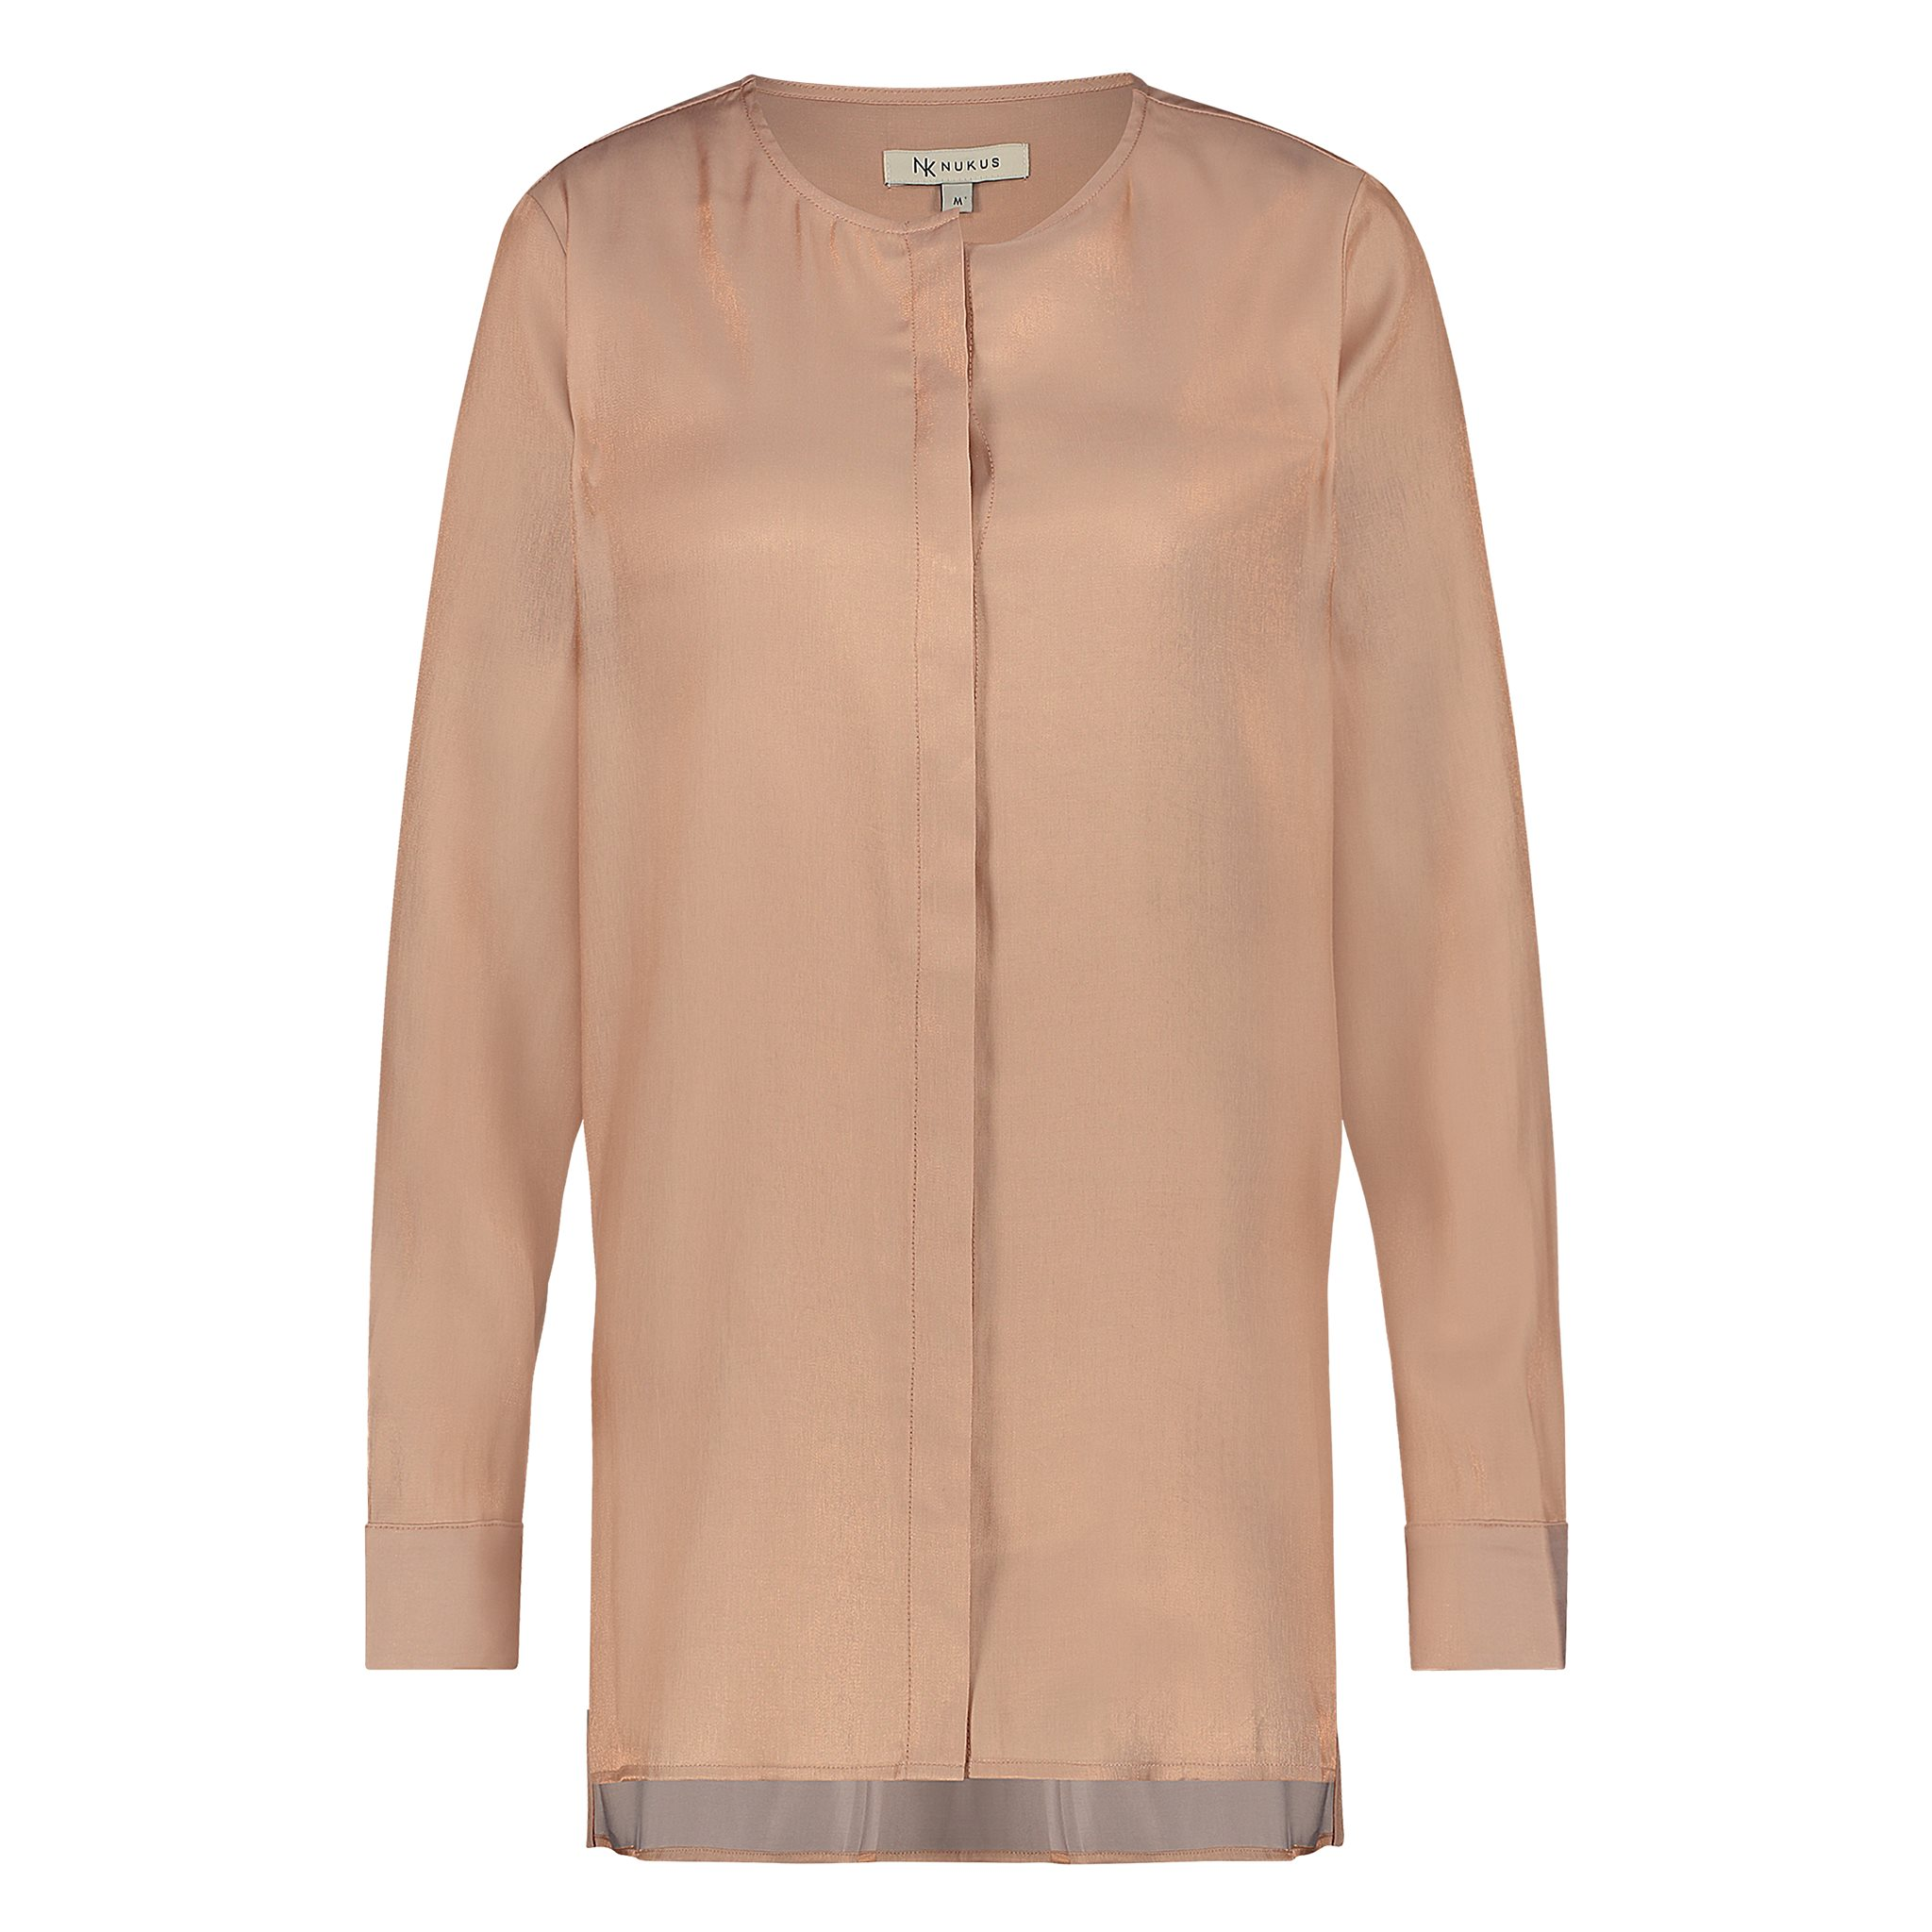 Maan blouse